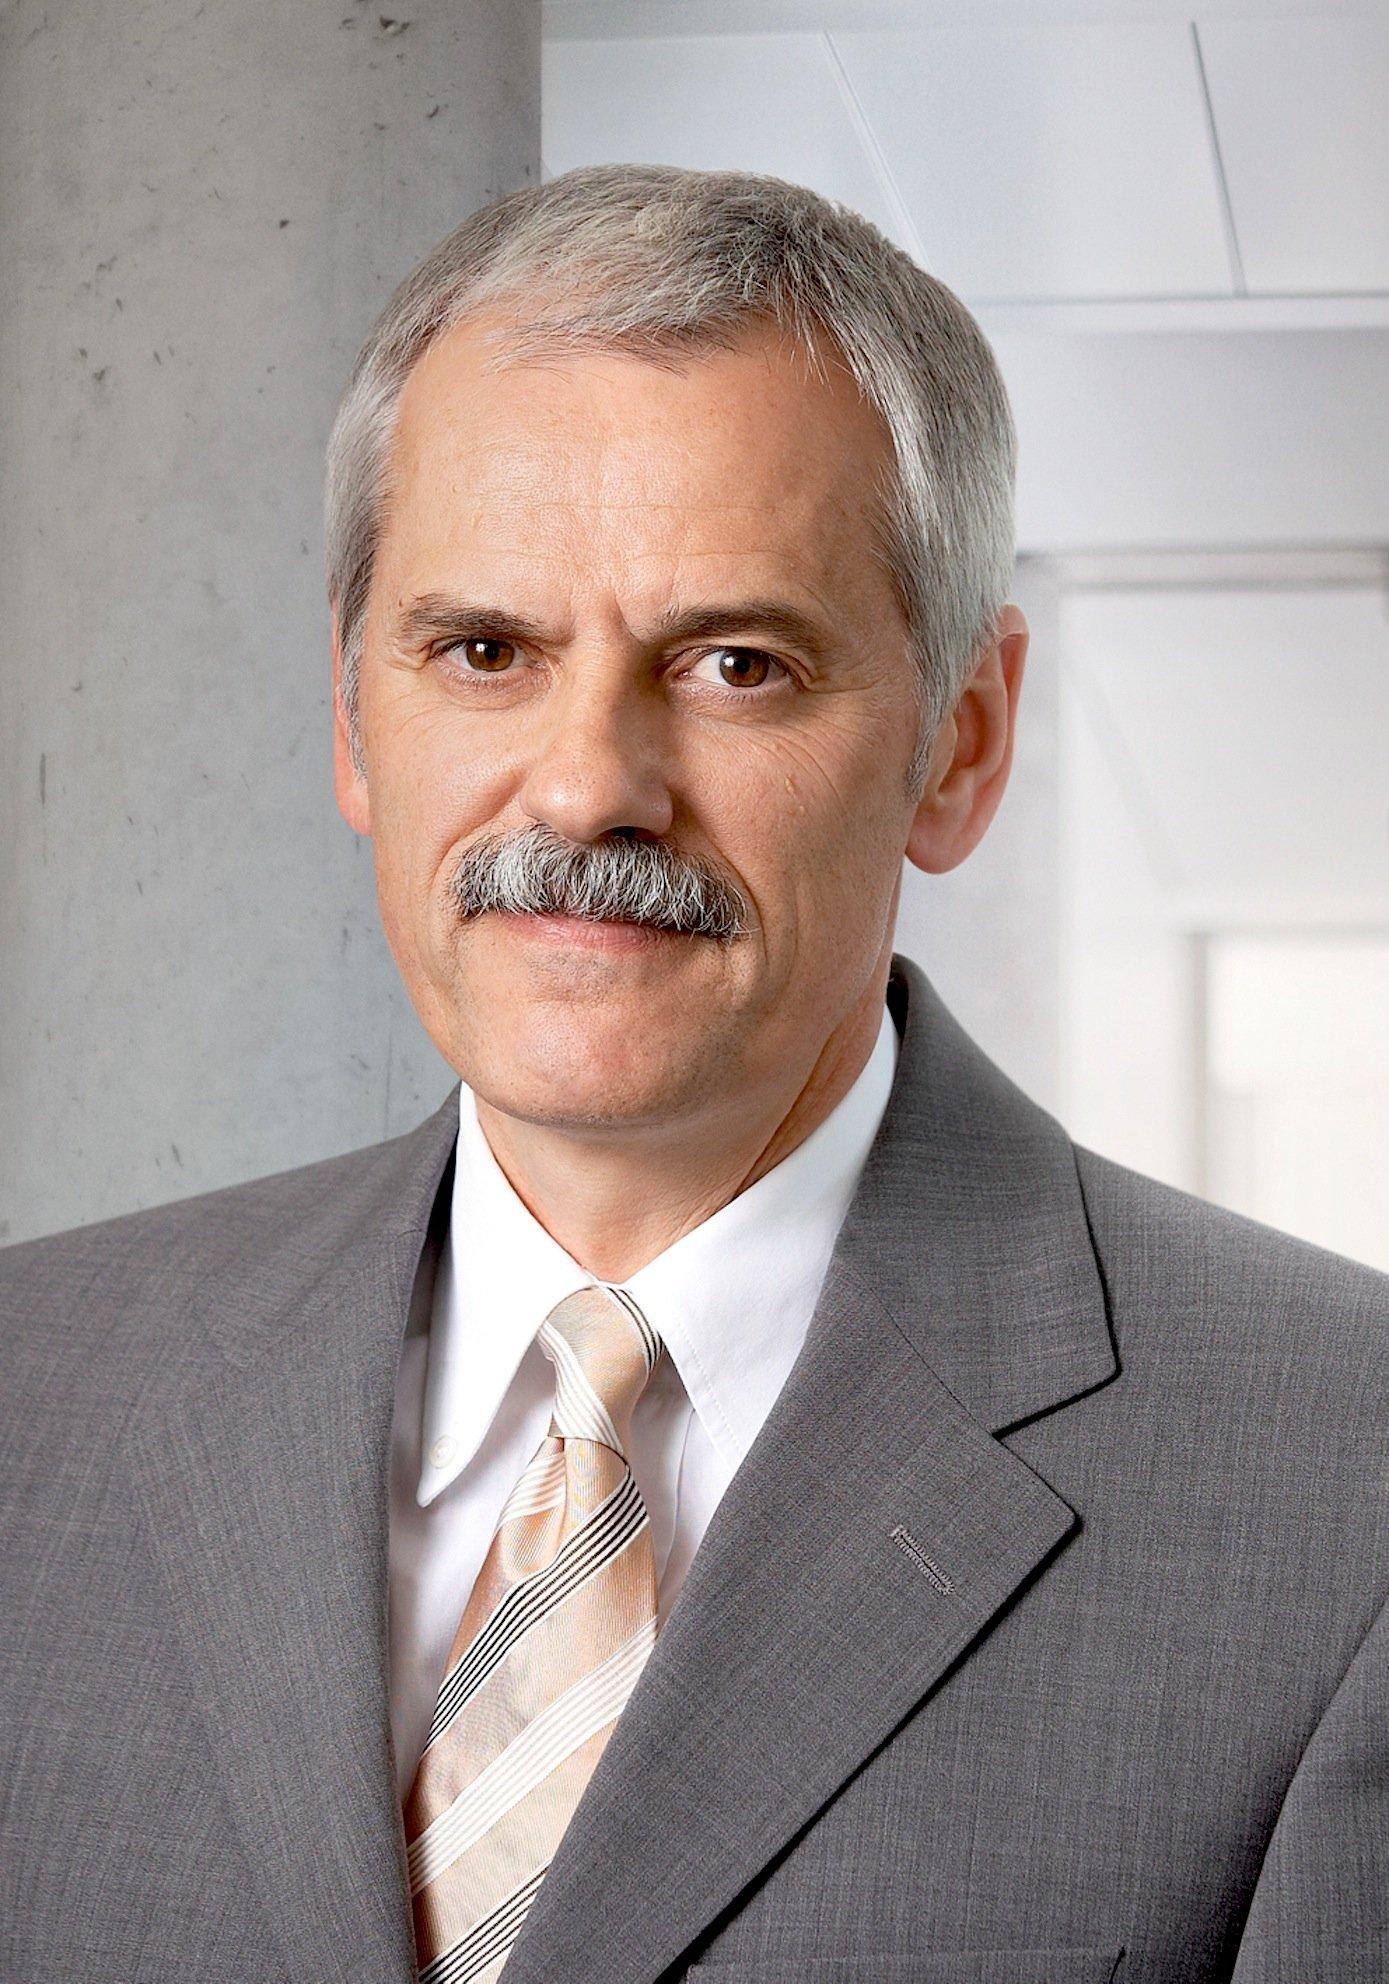 Autoexperte Willi Diez,Leiter des Instituts für Automobilwirtschaft und Umwelt an der Hochschule für Wirtschaft in Nürtingen-Geislingen.